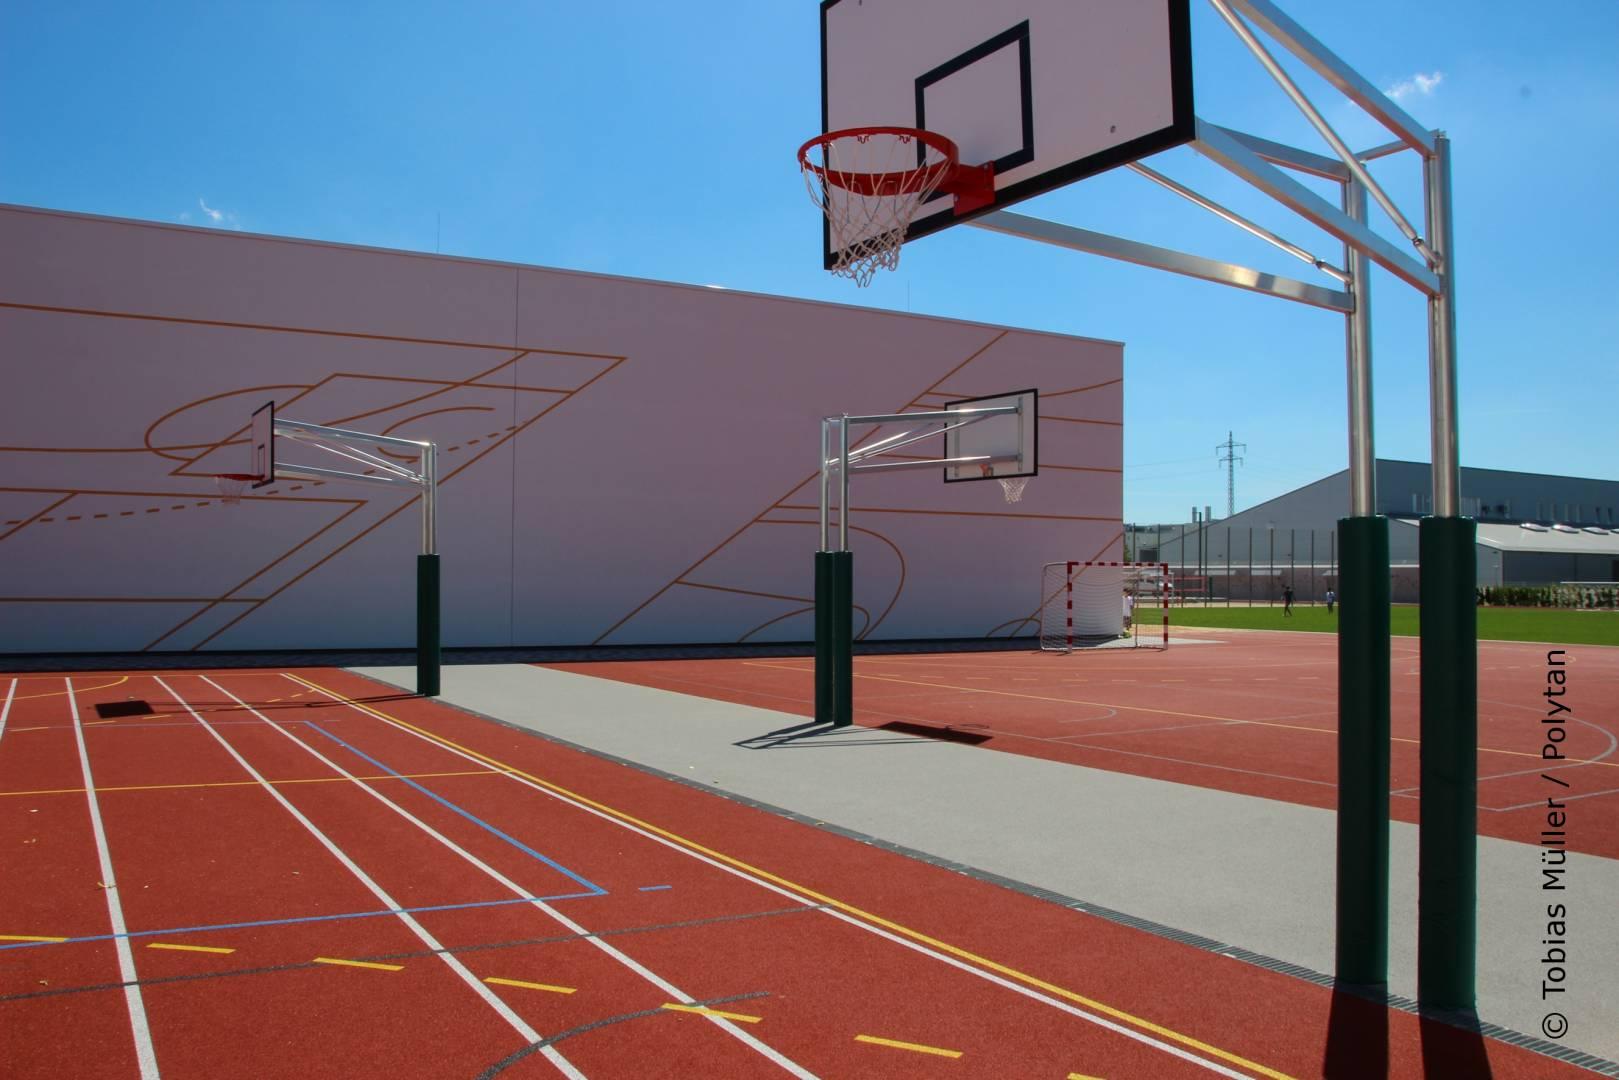 Zwei Basketballfelder ergänzen die Sportanlagen auf der Rückseite der Dreifachsporthalle. Als Kunststoffbelag entschieden sich die Planer für den wasserdurchlässigen PolyPlay S – ein universal einsetzbarer Sportboden mit glatter Oberfläche und einem sehr guten Ballsprungverhalten.